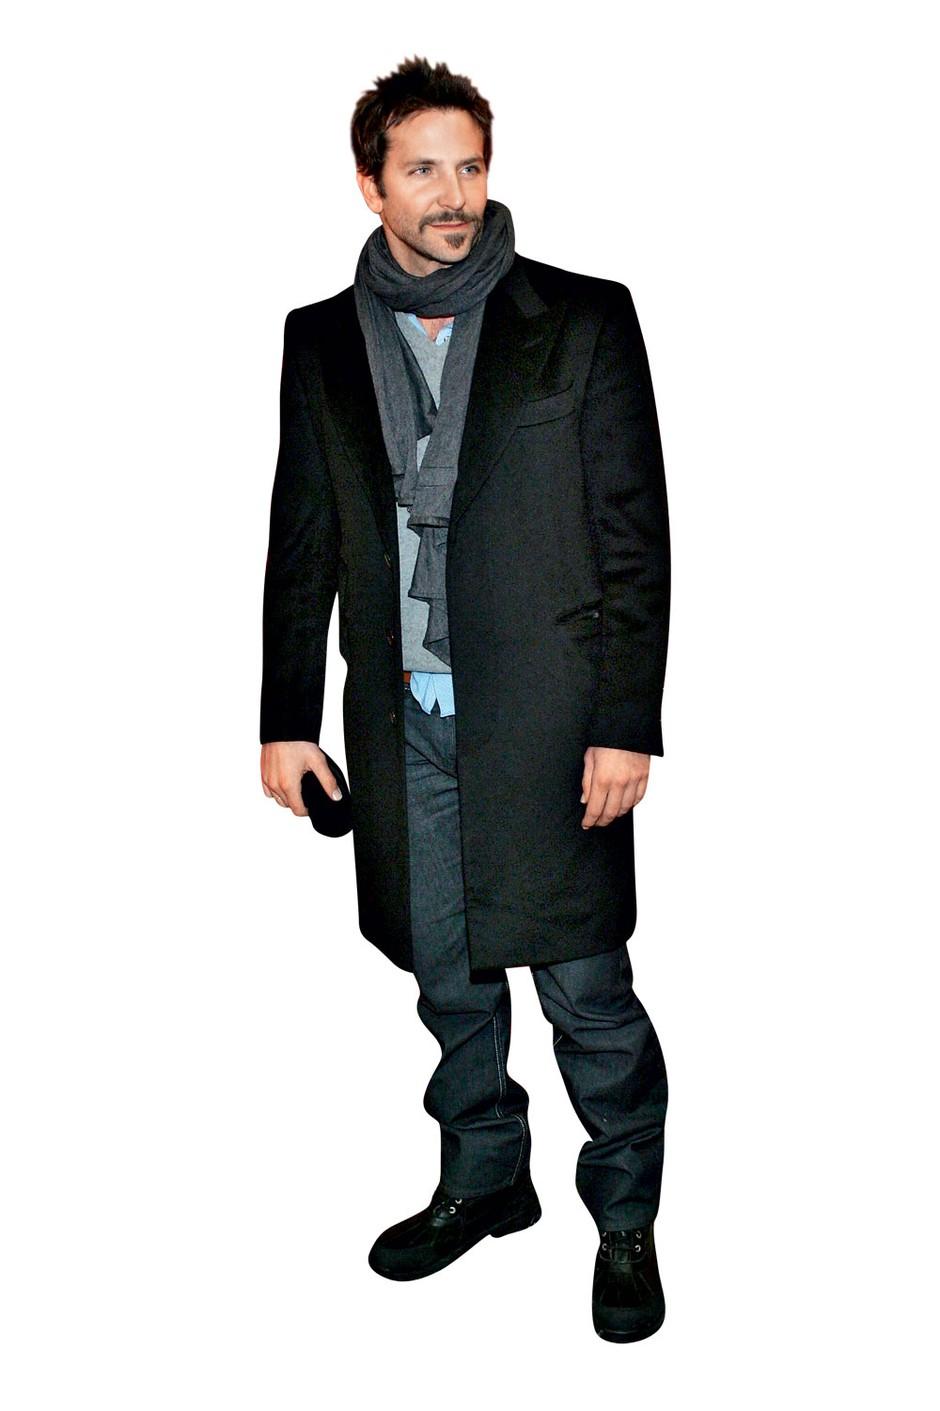 Dober ulov - Bradley Cooper (foto: Profimedia.si, Sašo Radej)